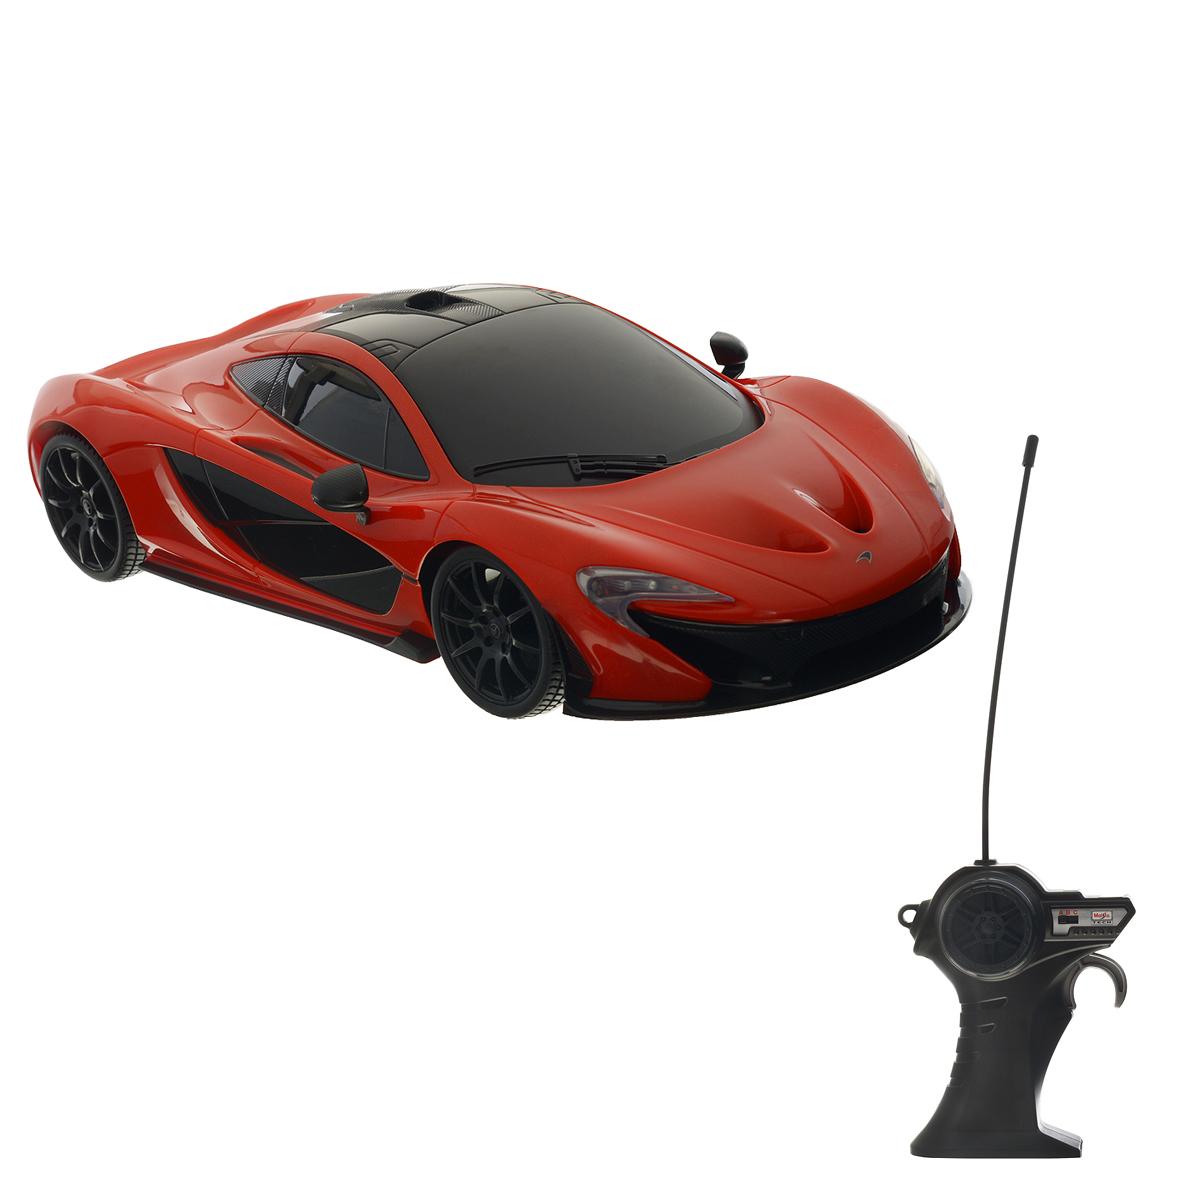 Maisto Радиоуправляемая модель McLaren P1 maisto радиоуправляемая модель ferarri ff цвет желтый